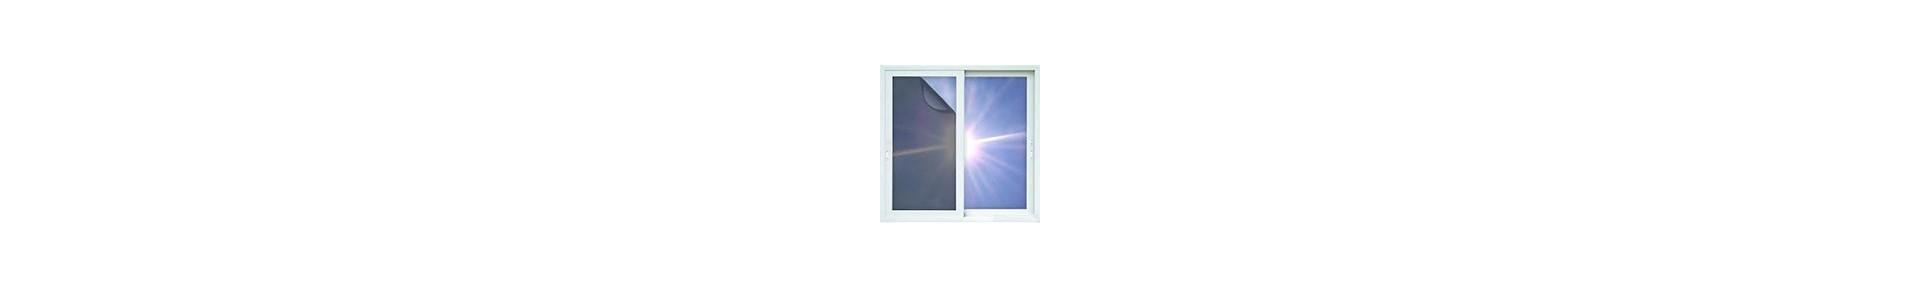 Window Film Canada | Solar Window Film | Solar Control Ltd